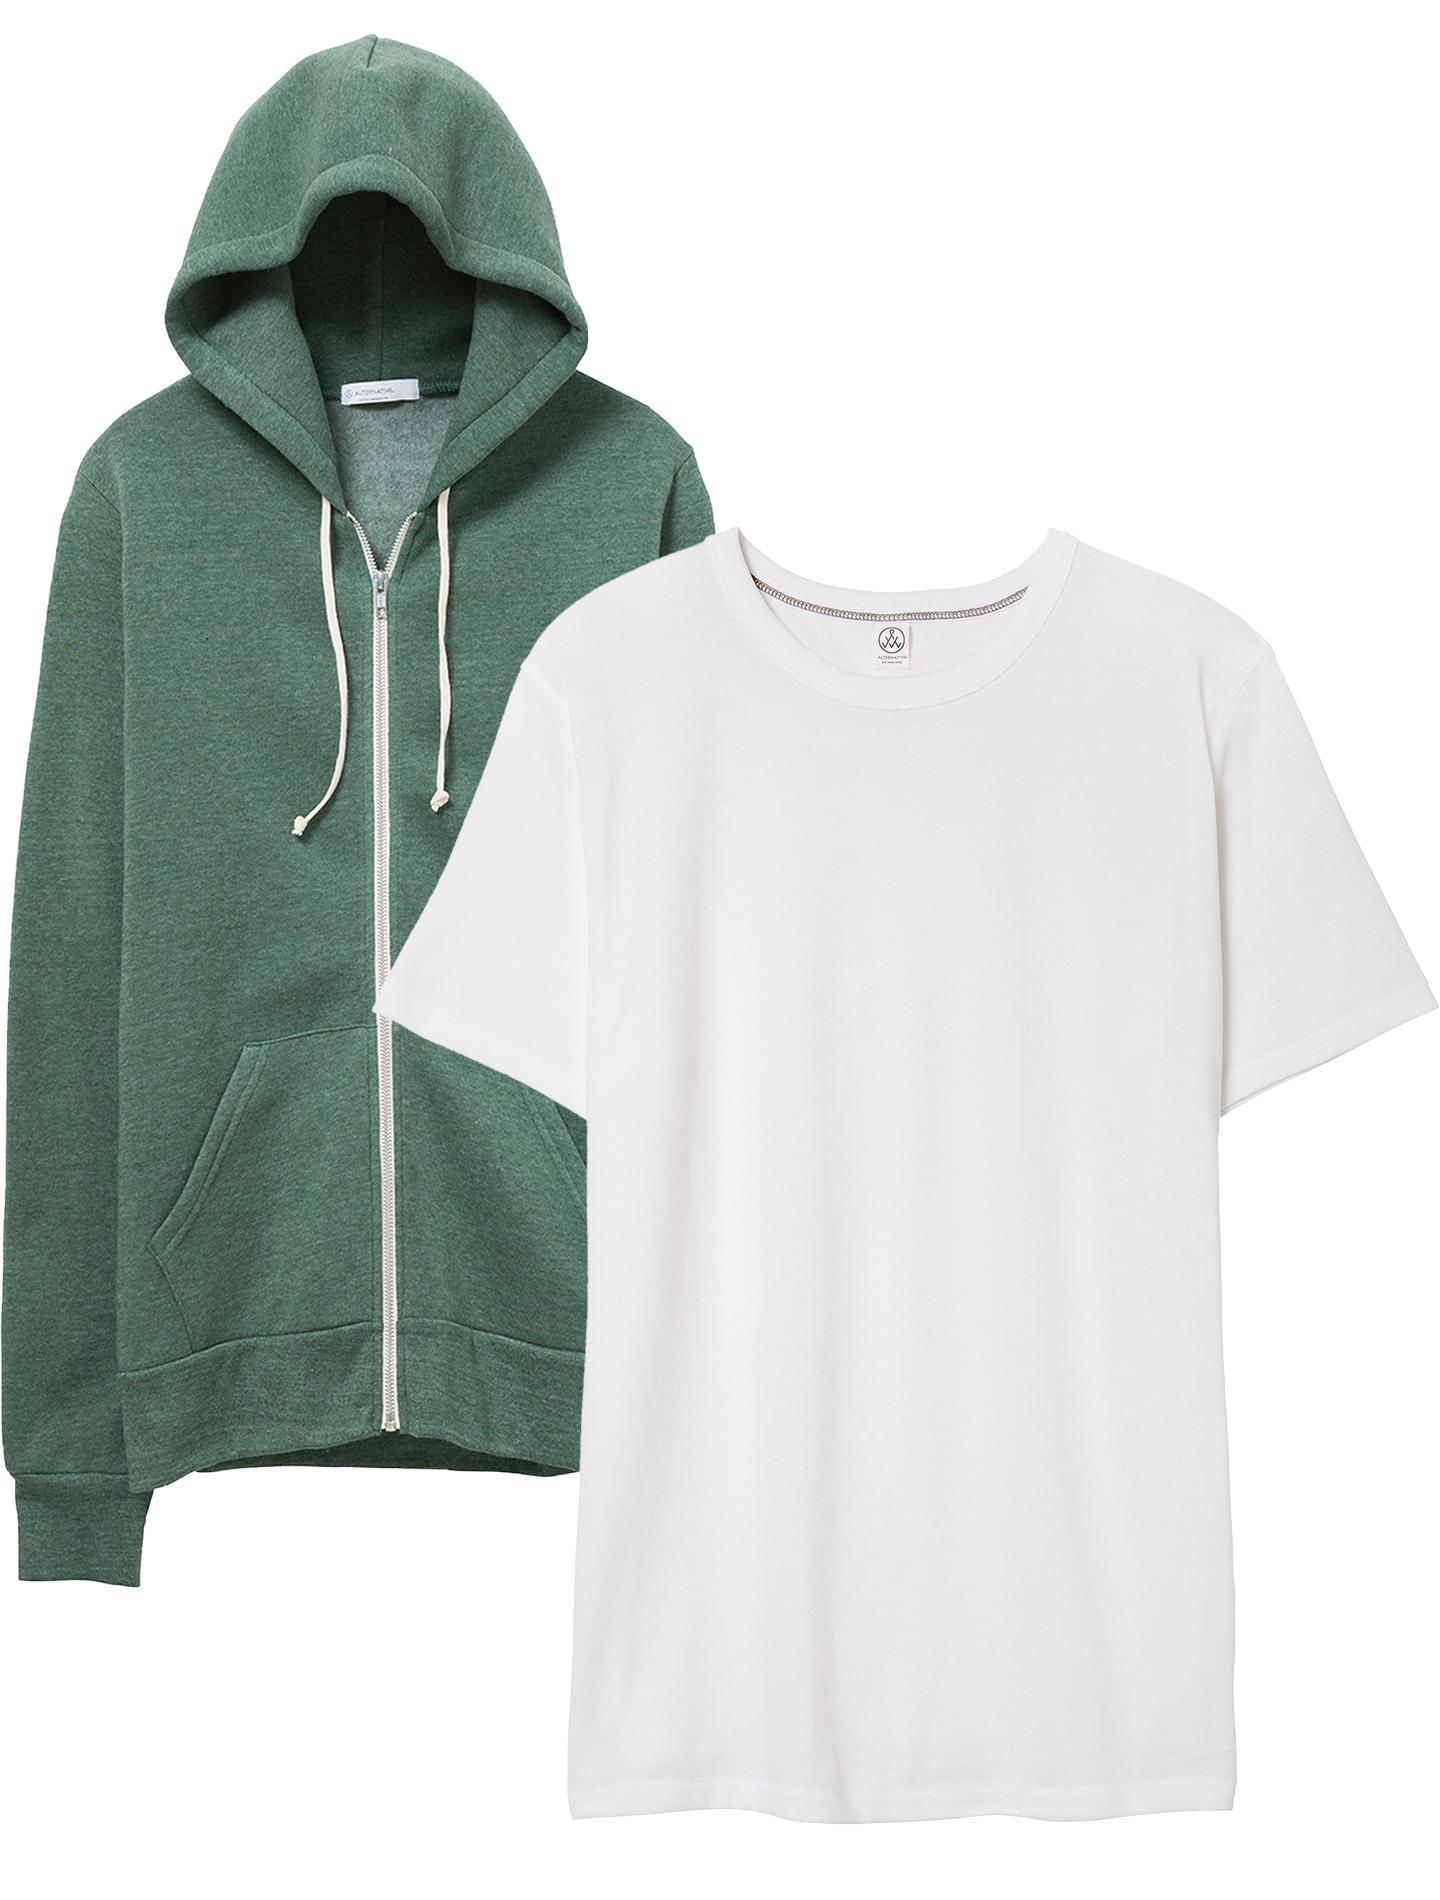 051962f8441 Lyst alternative apparel rocky eco fleece zip hoodie keeper jpg 1440x1900  Rocky apparel